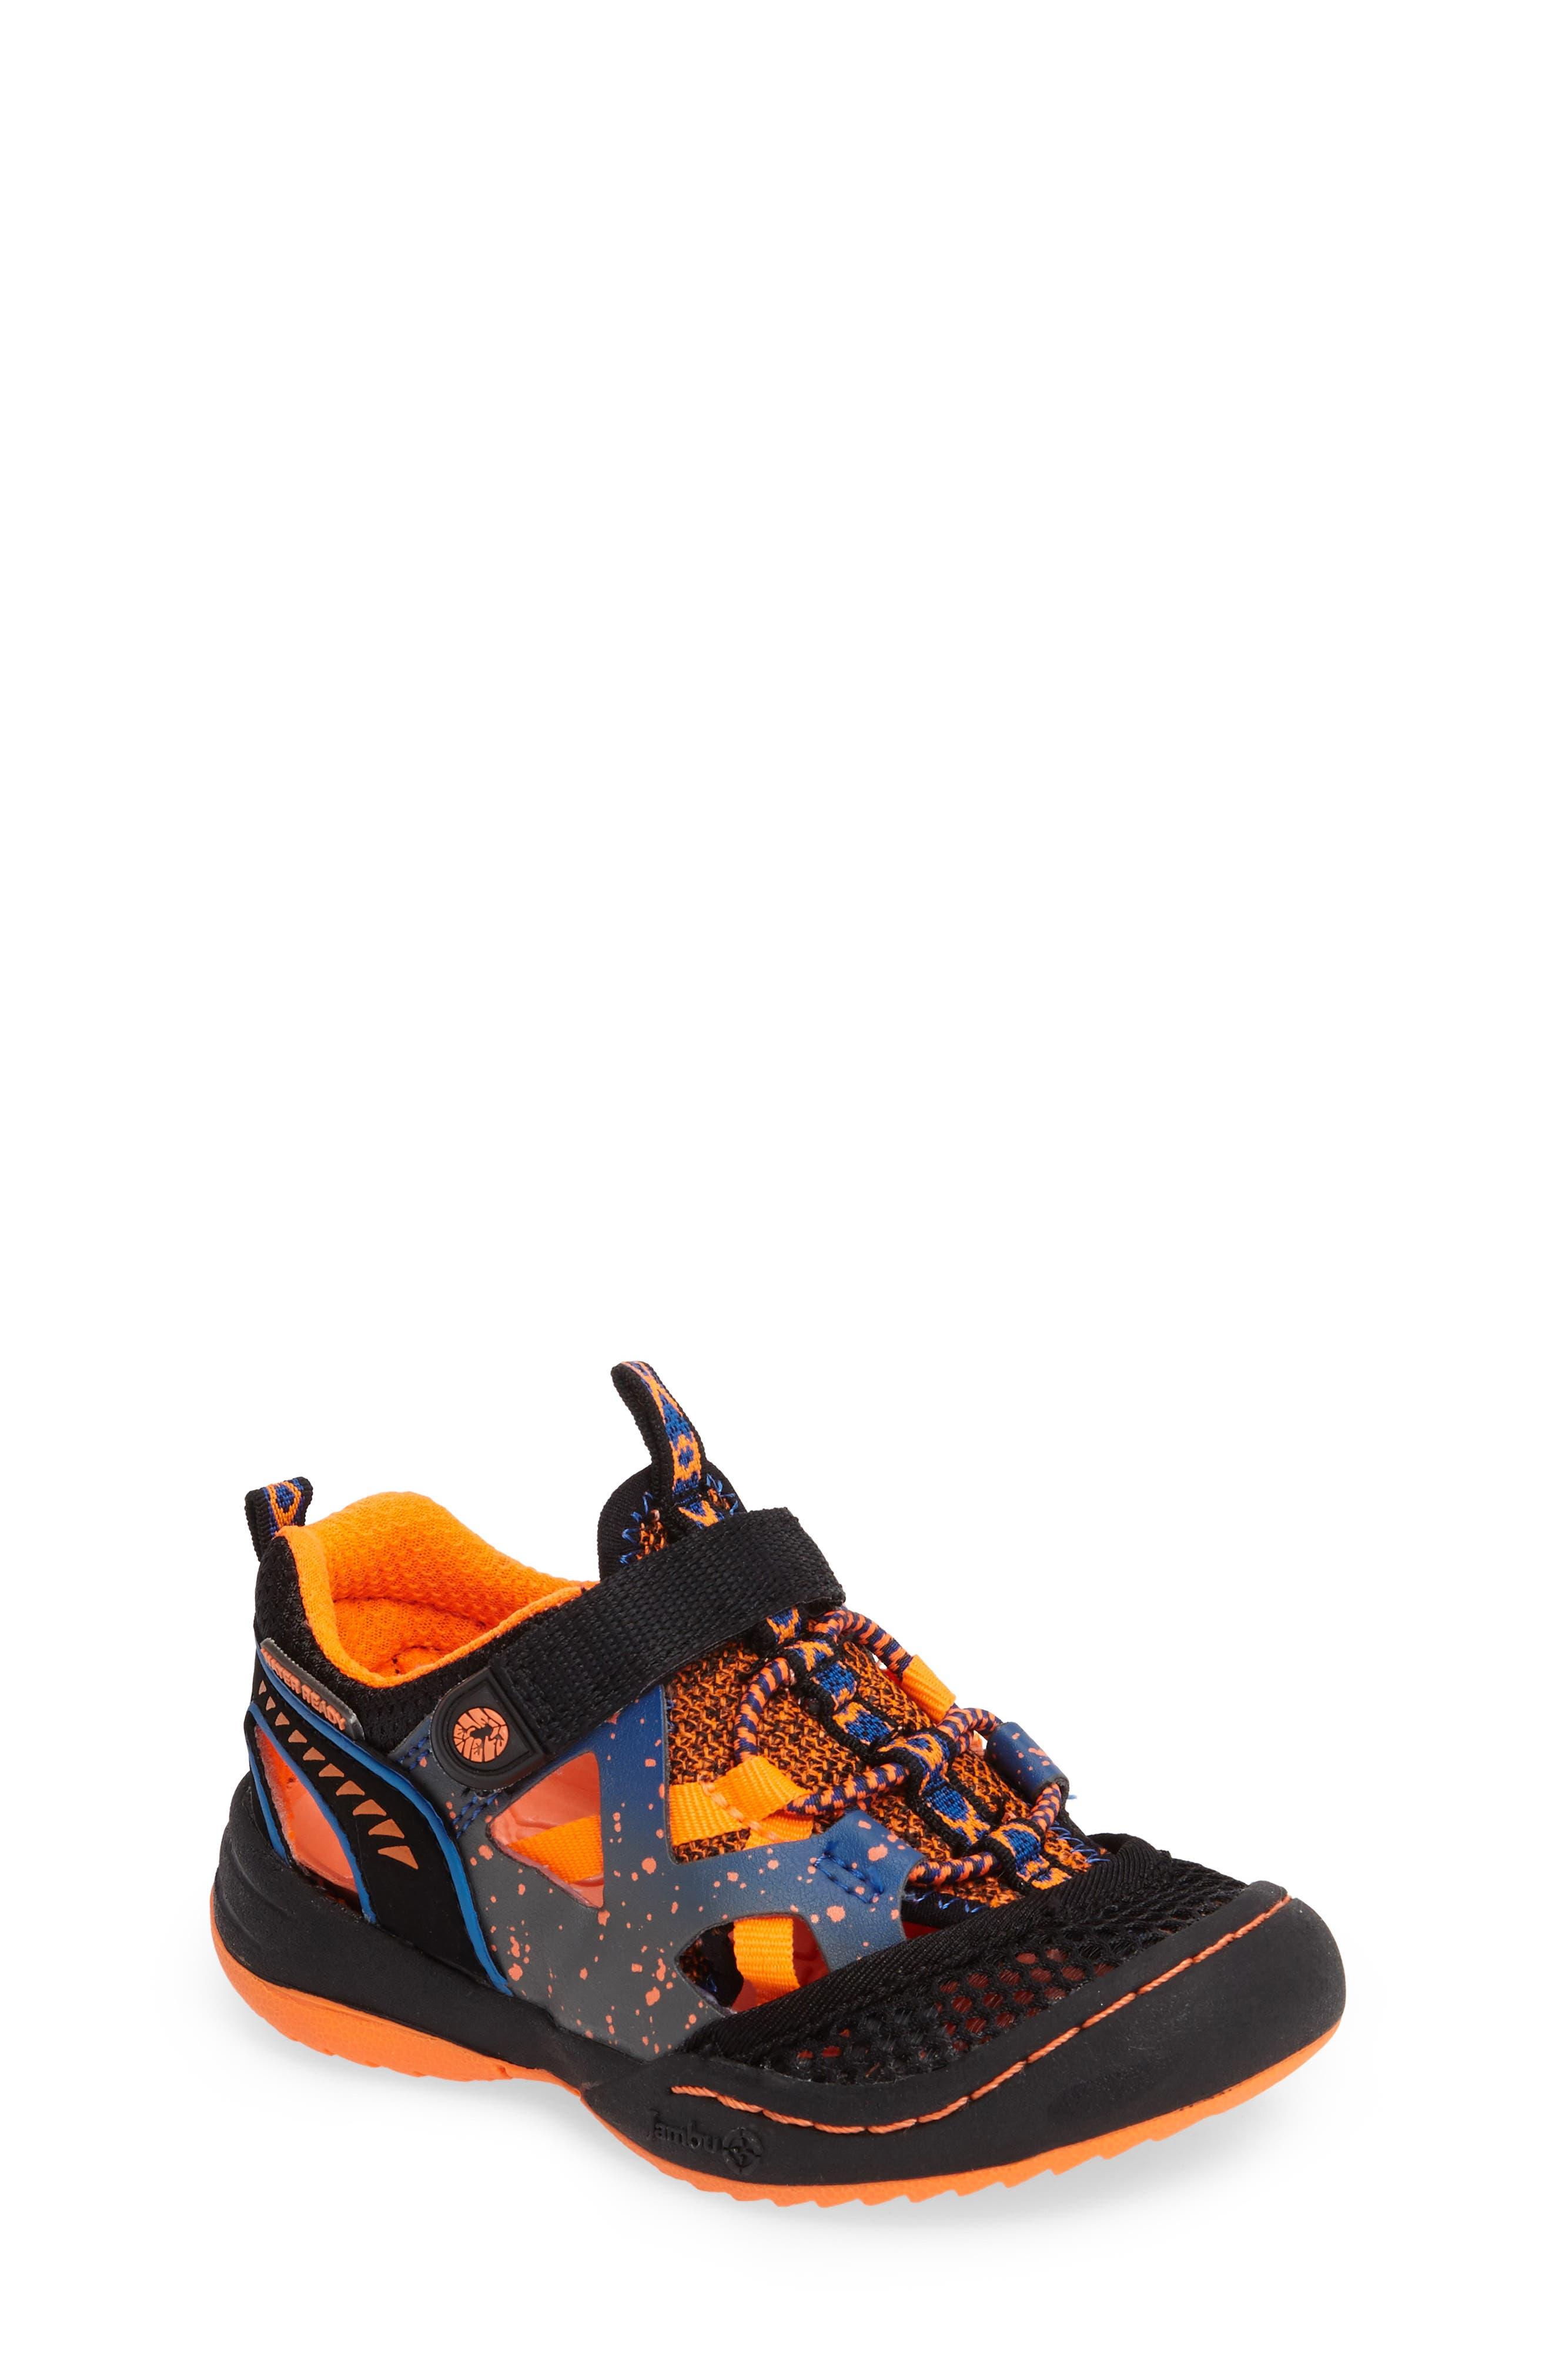 Squamata Sport Sneaker,                             Main thumbnail 1, color,                             Black/ Orange